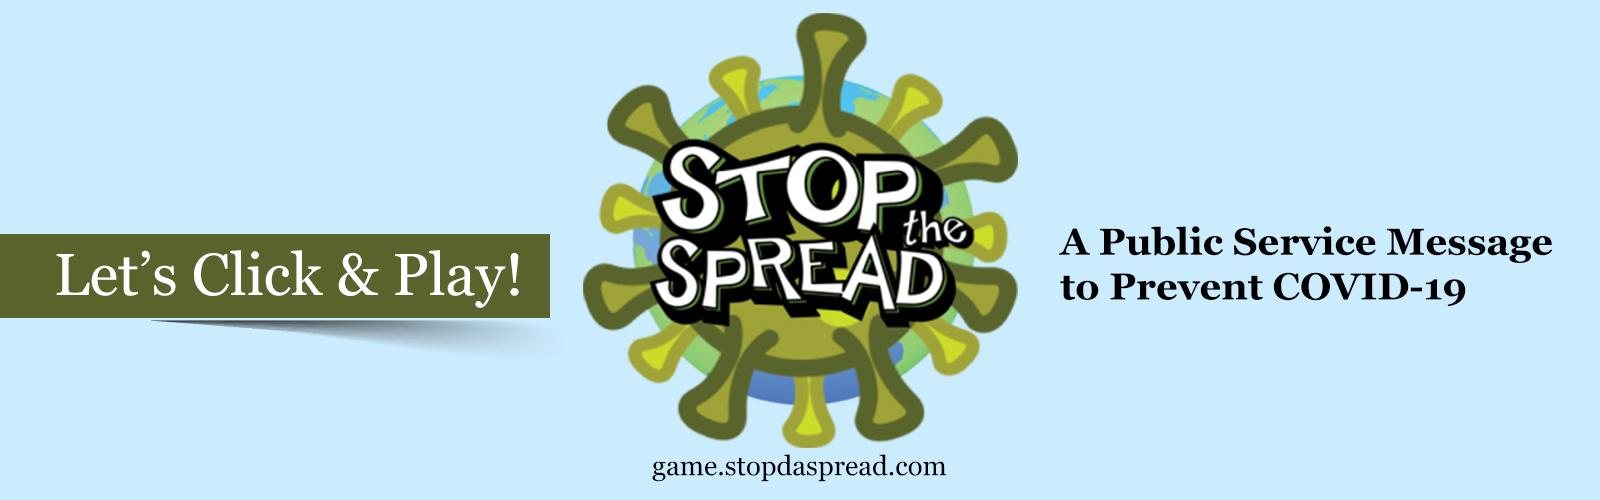 Game.stopdaspread.com